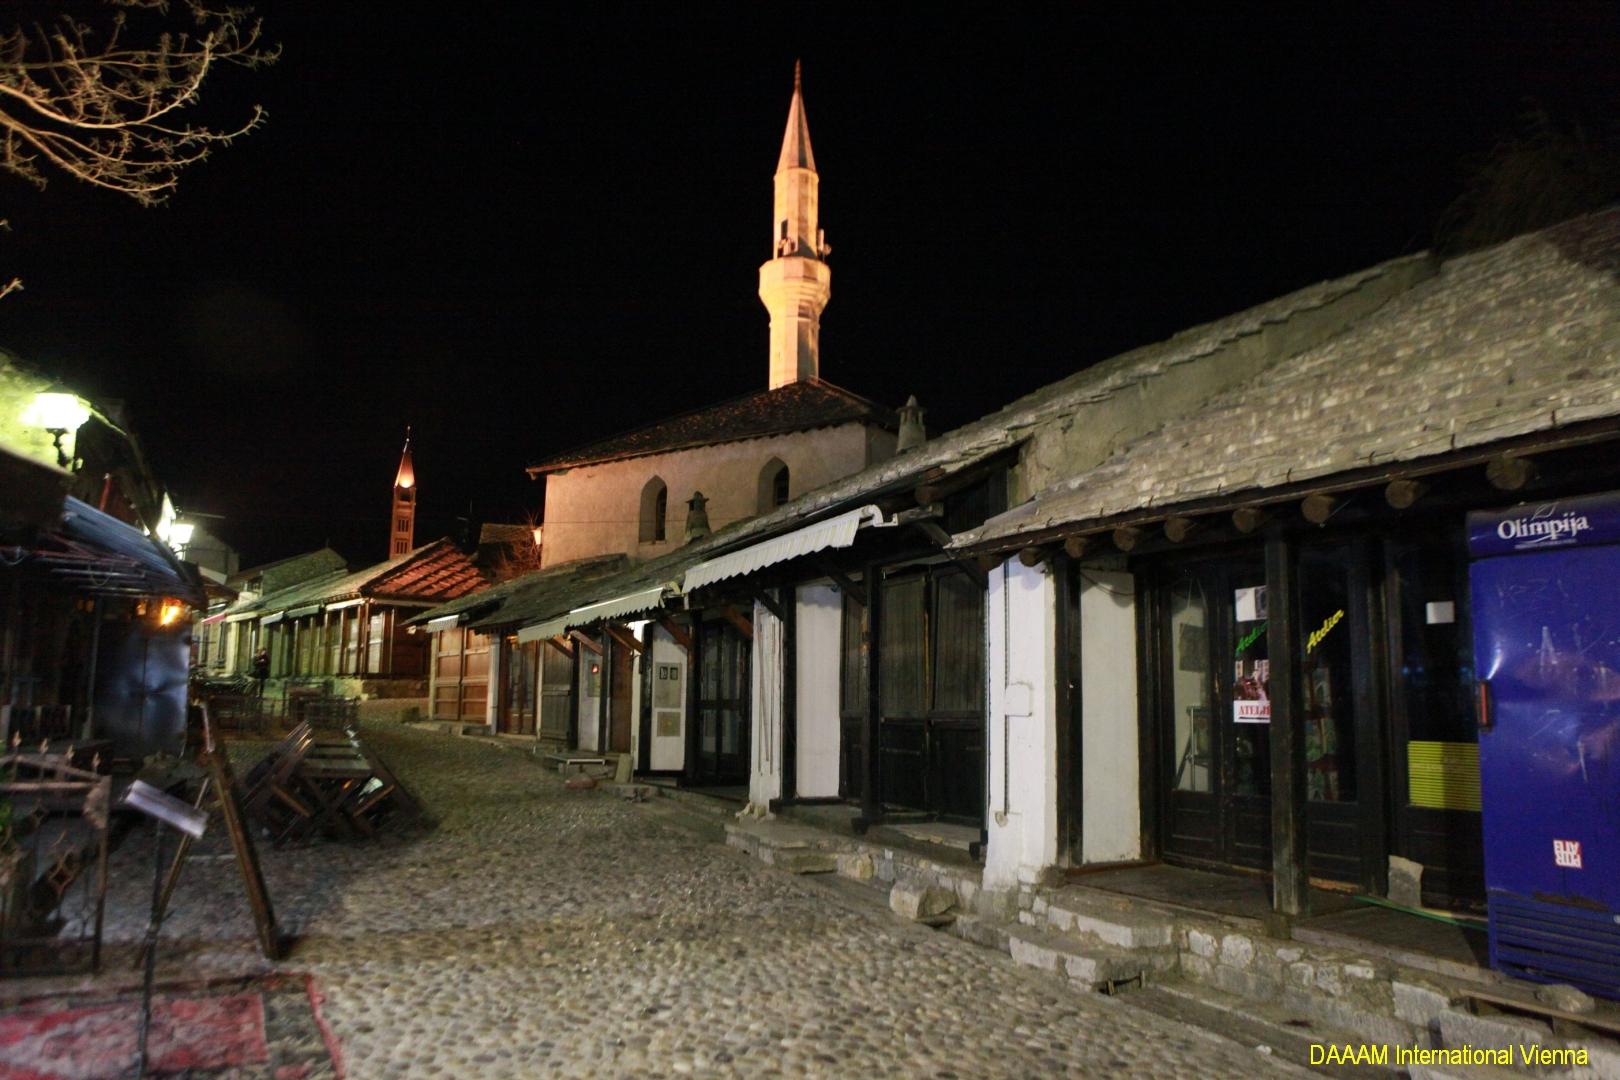 DAAAM_2016_Mostar_01_Magic_City_of_Mostar_206